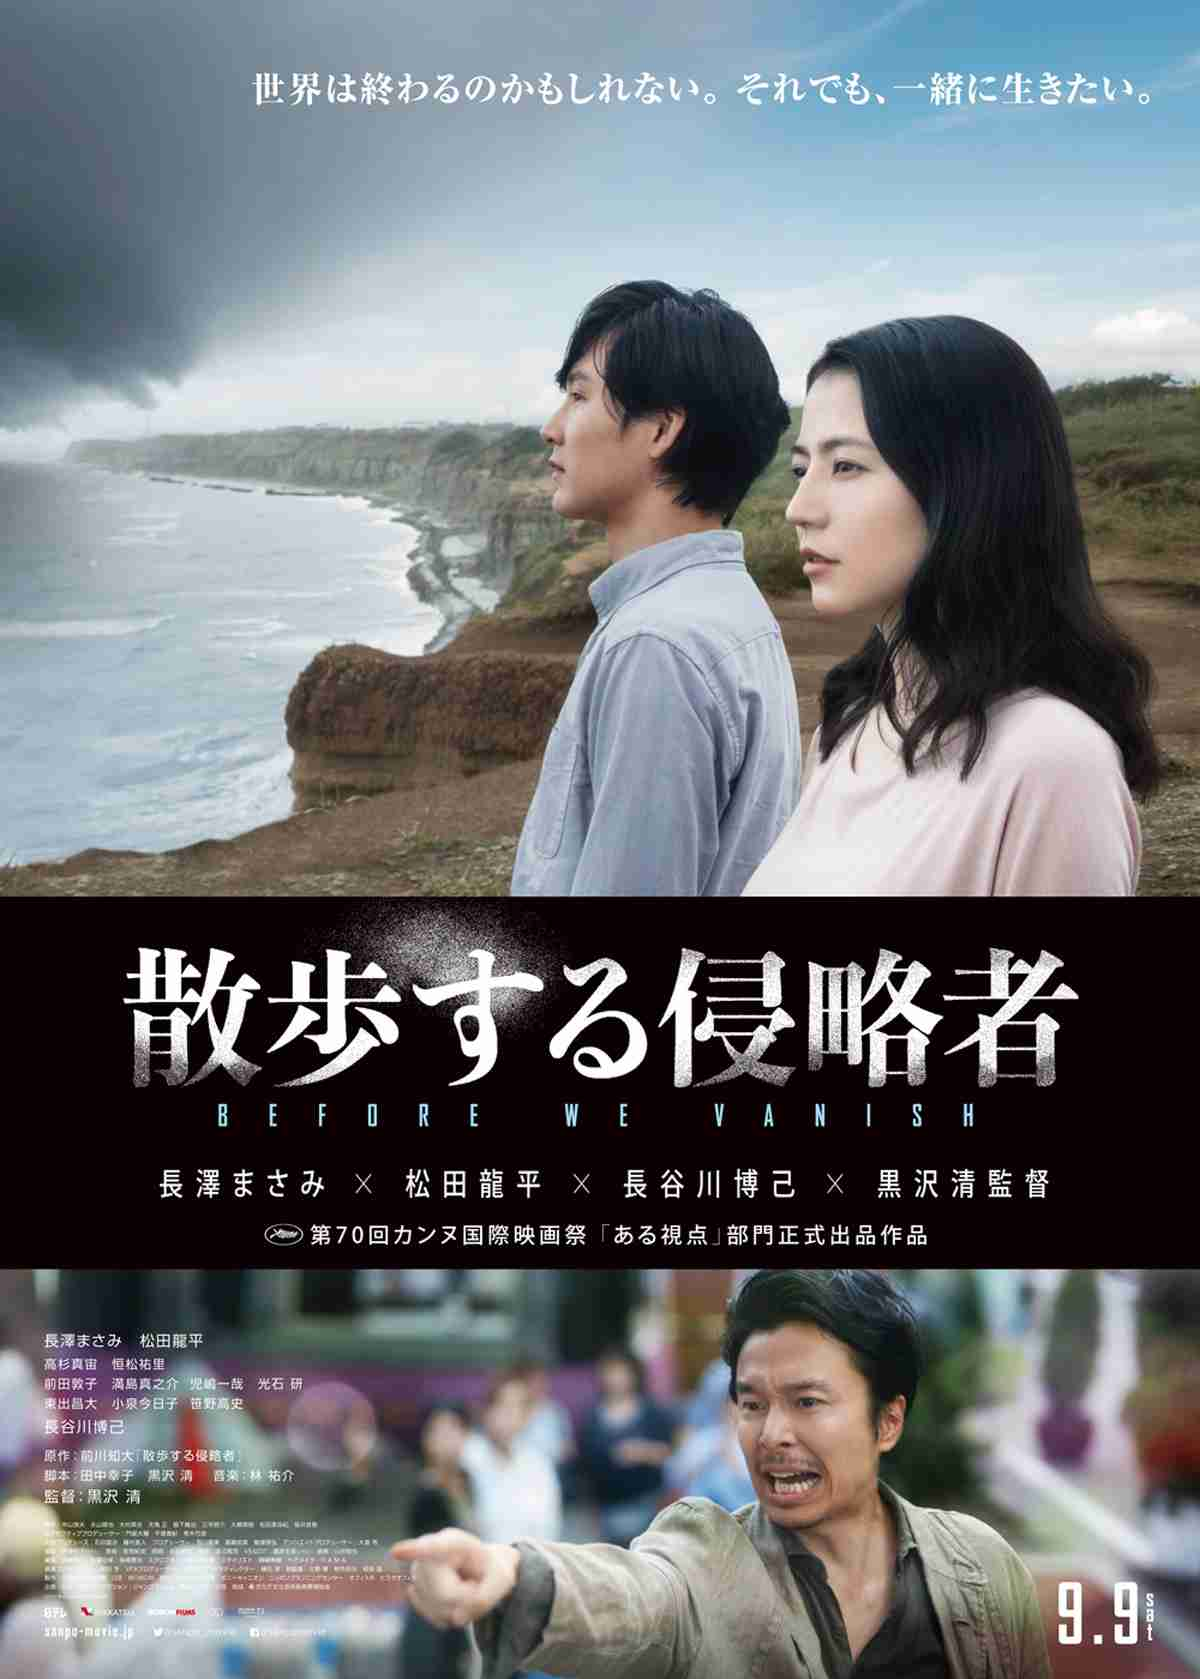 散歩する侵略者 - 作品 - Yahoo!映画